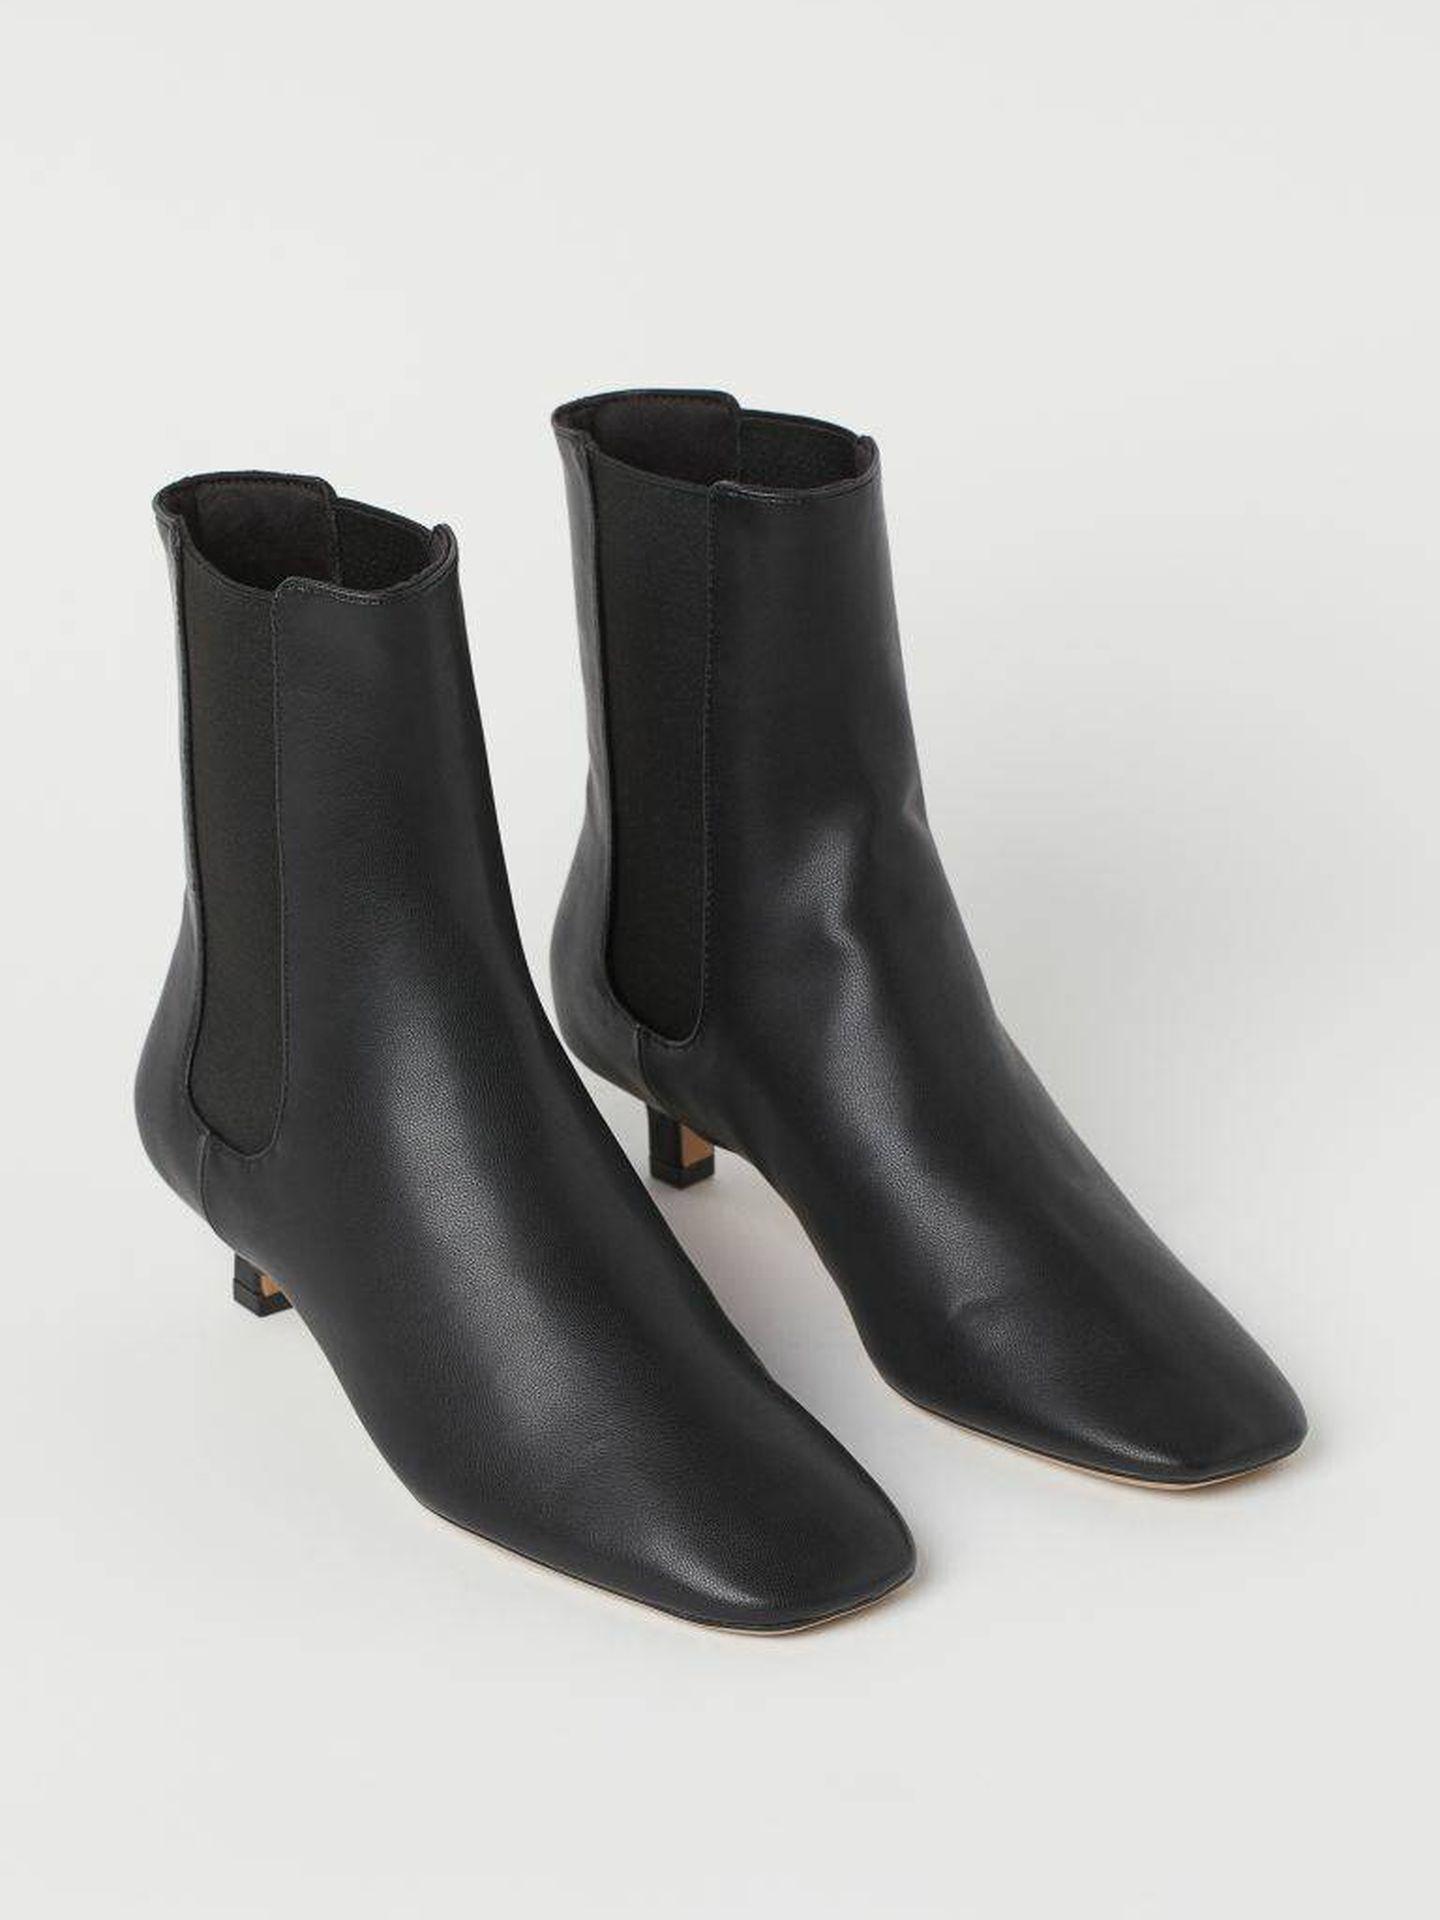 Los nuevos botines negros, cómodos y low cost de HyM. (Cortesía)